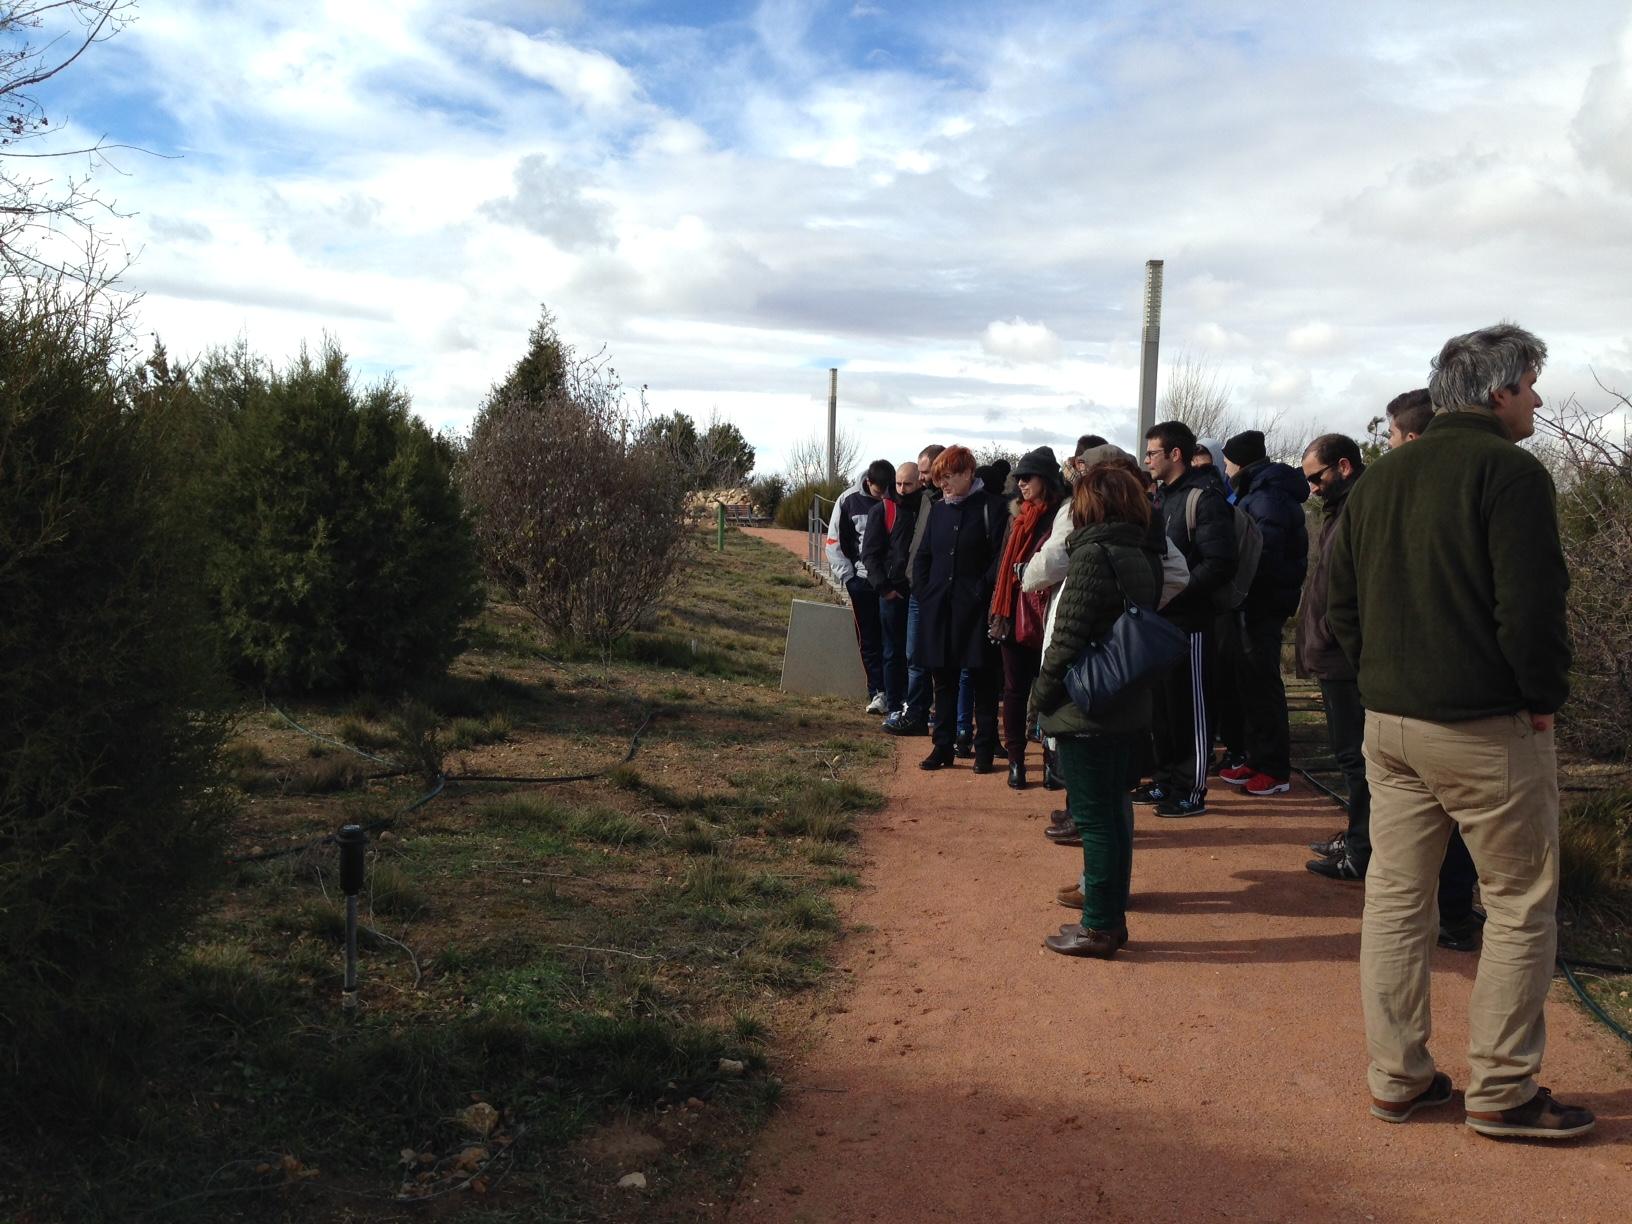 Resumen de la jornada divulgativa en jard n bot nico de for Jardin botanico castilla la mancha